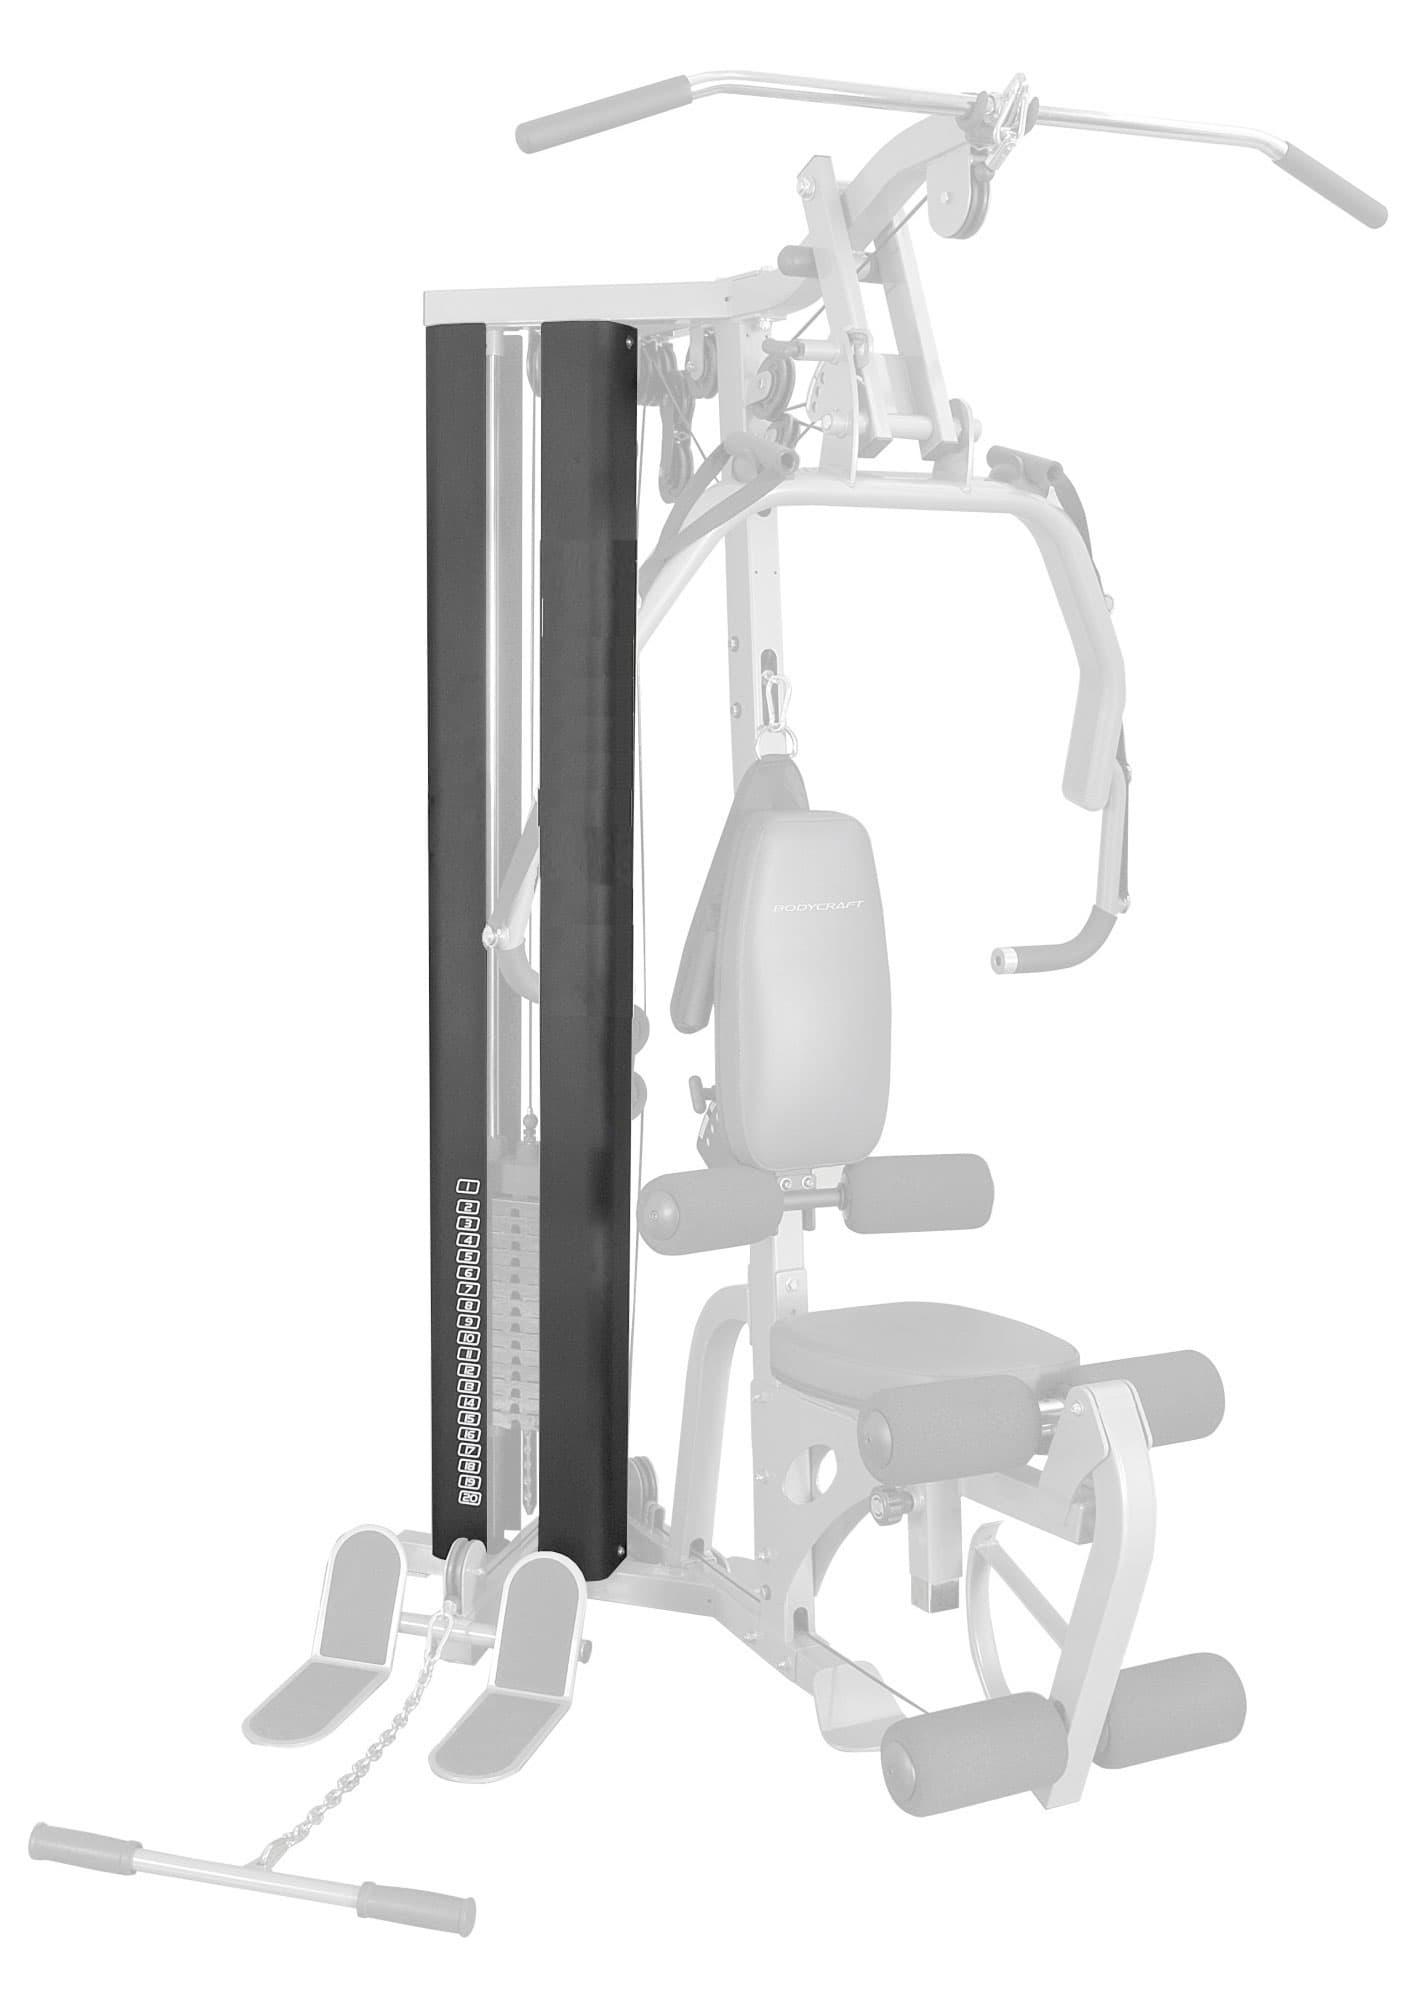 Зачехление стека для силового комплекса Body Craft GL - Мультистанции, артикул:3962